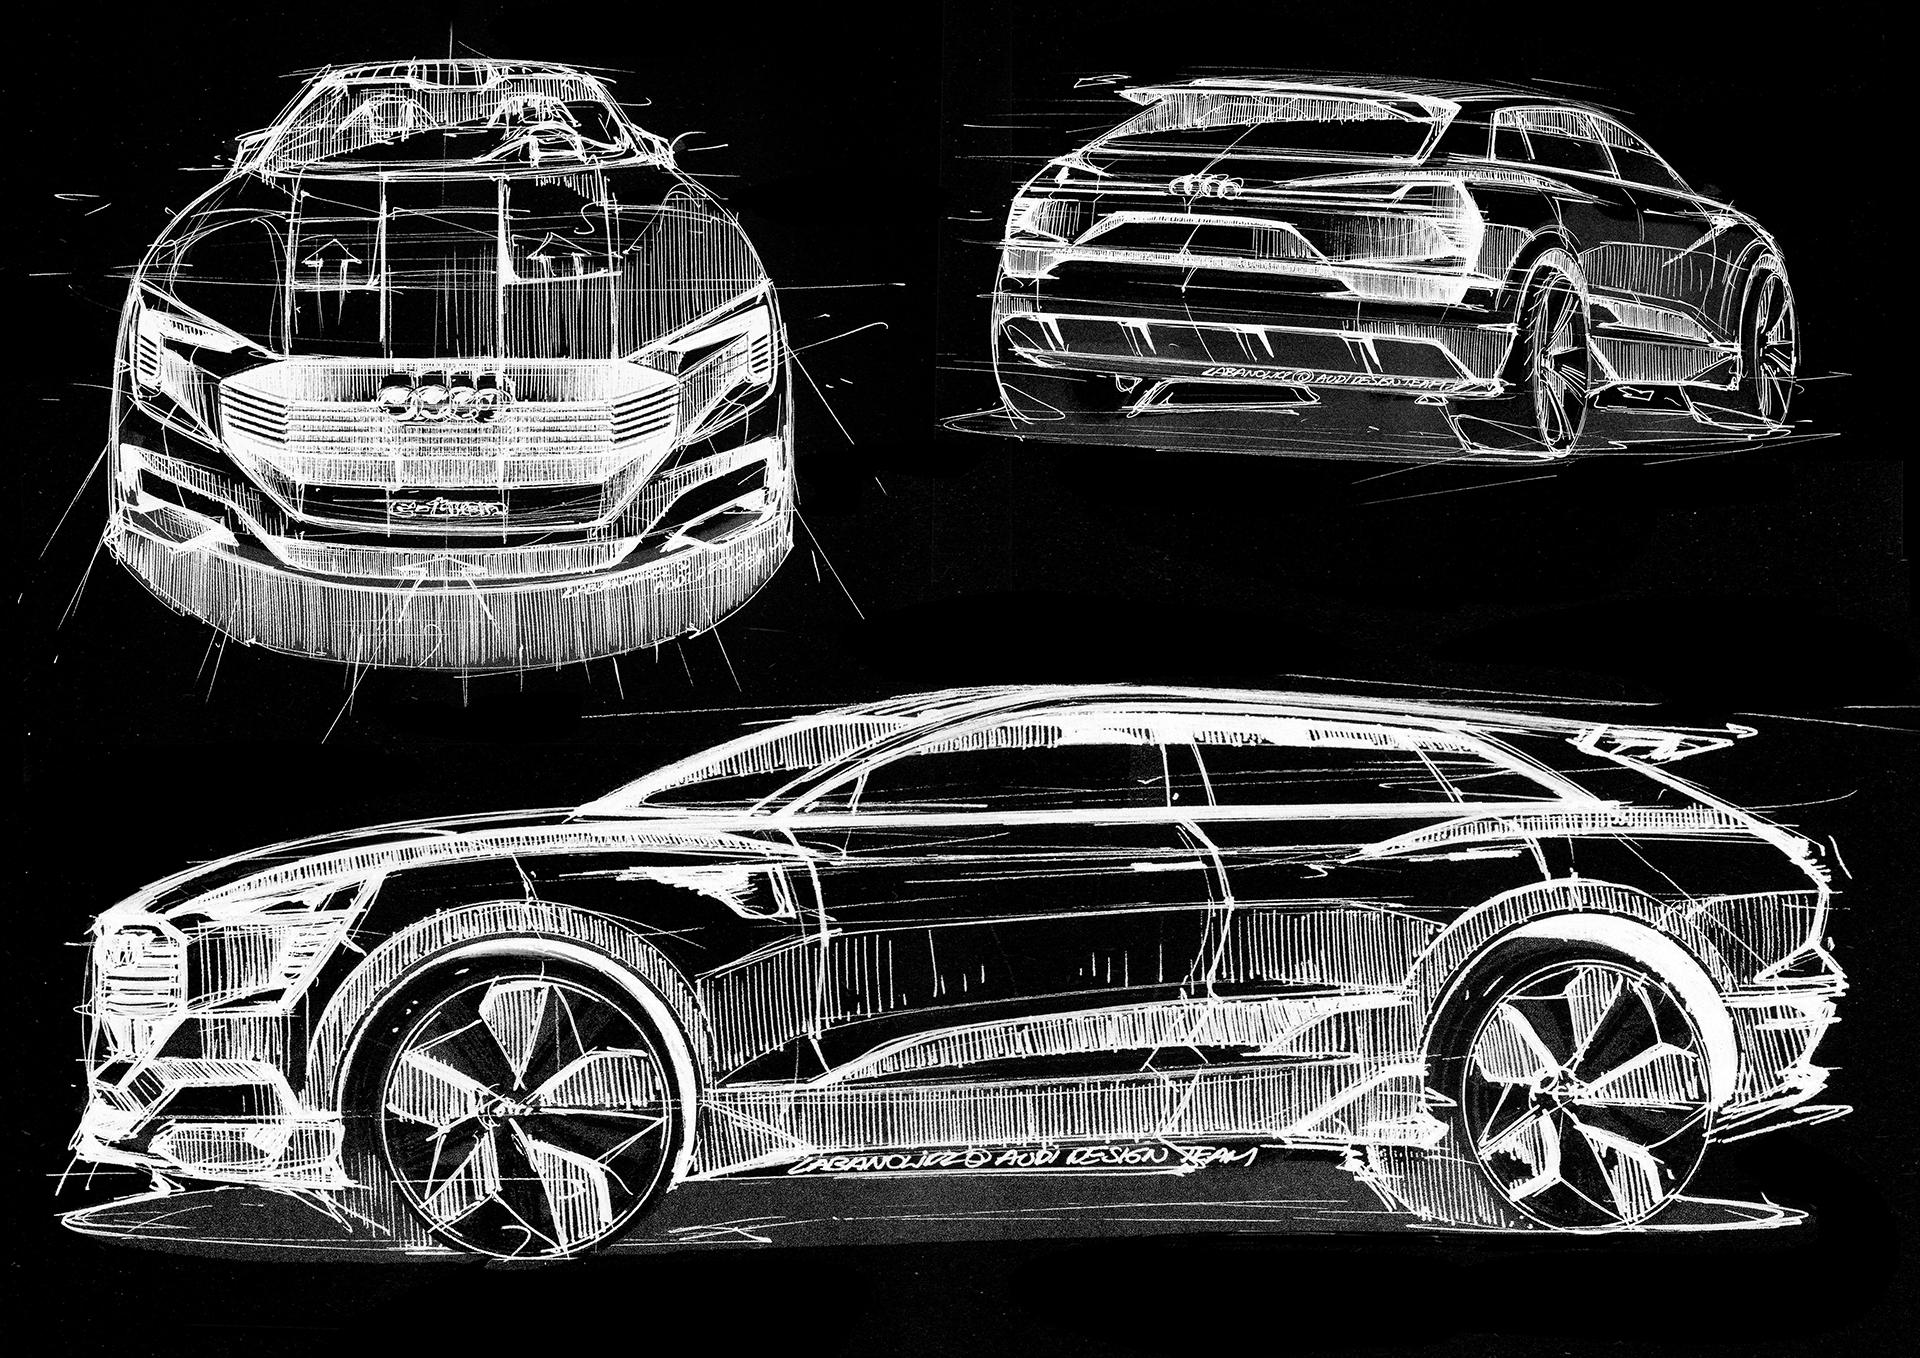 Audi e-tron quattro concept - 2016 - sketch